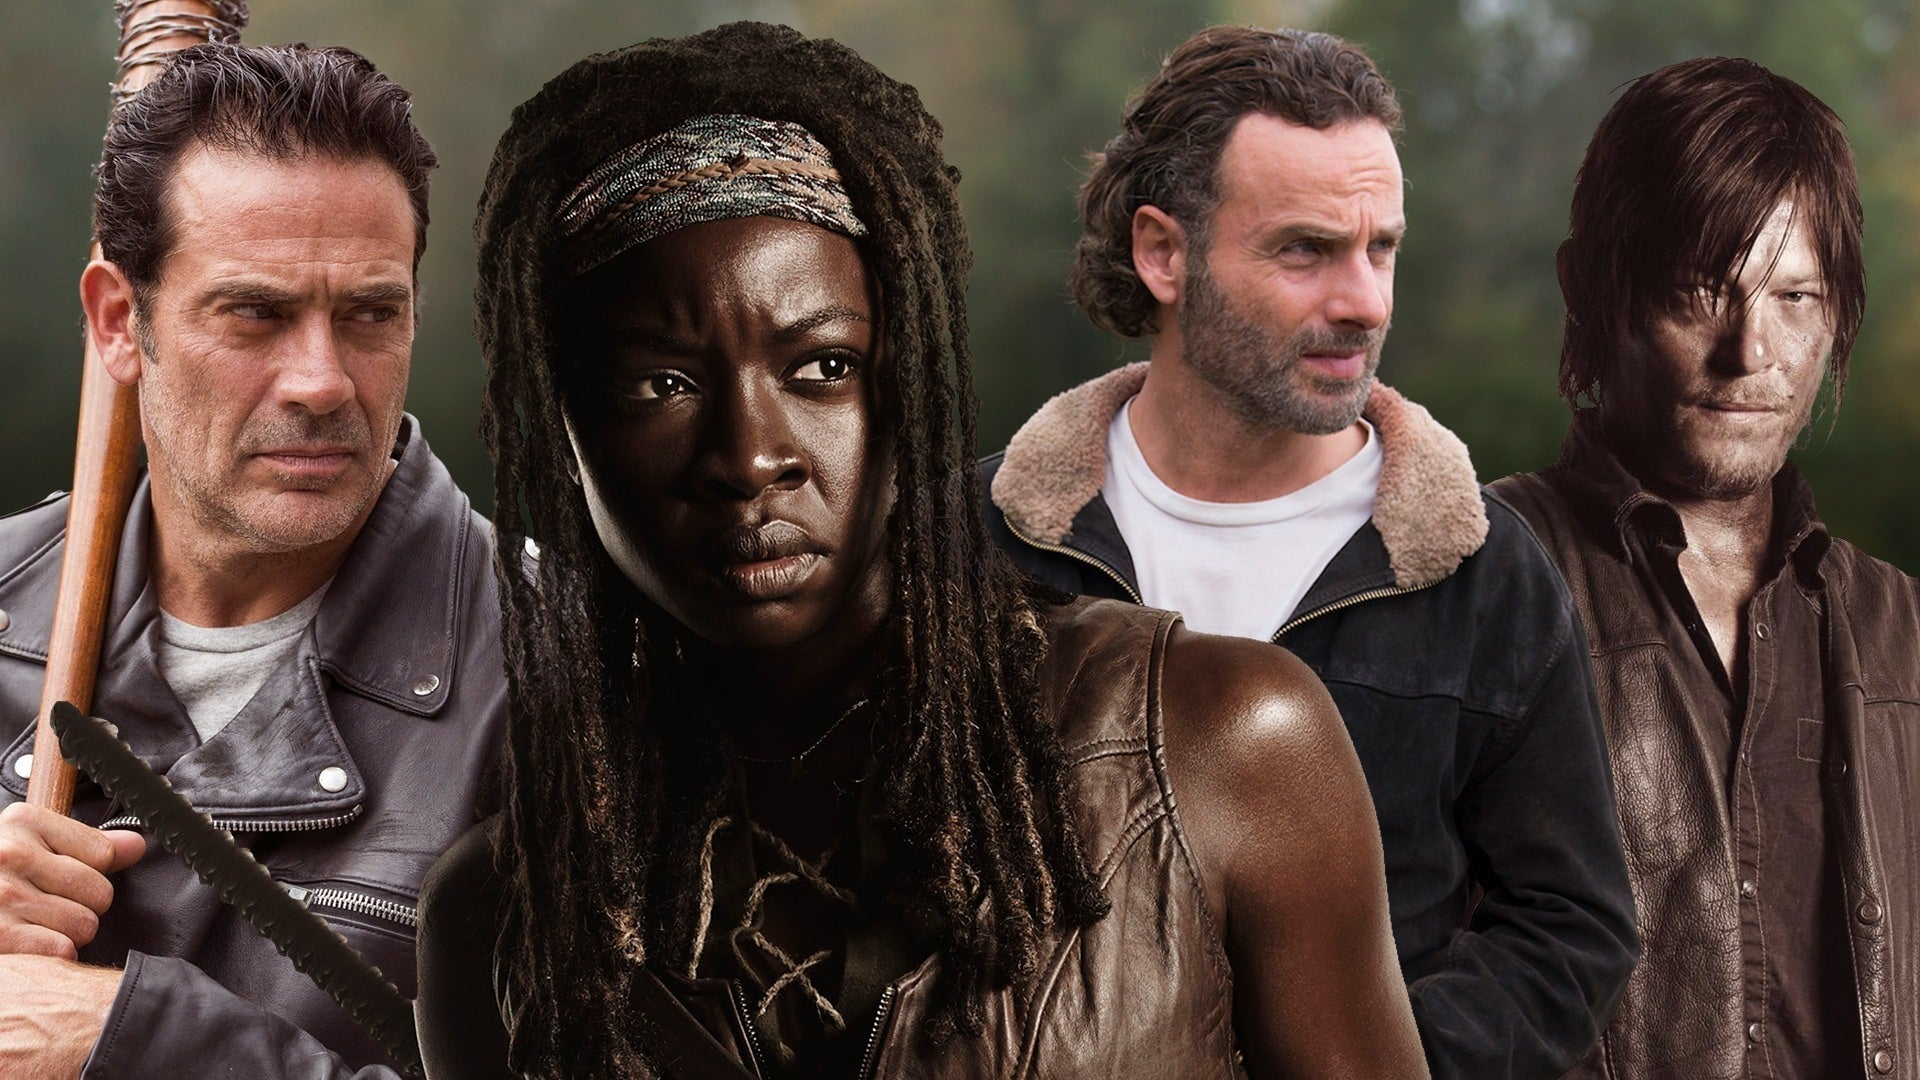 The Walking Dead Season 10 Trailer Premiere Date Whisperer